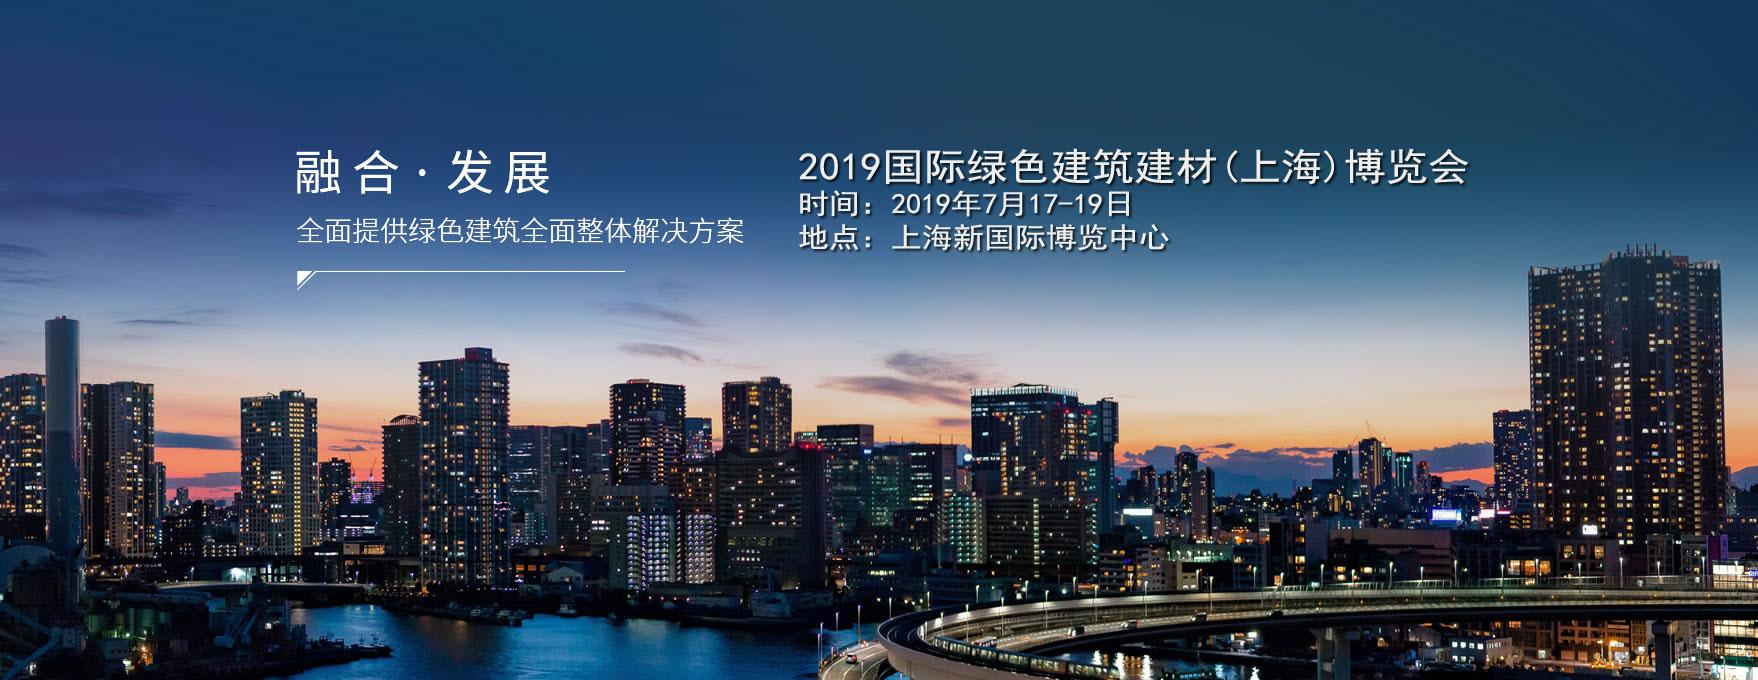 2019.7.17-19国际绿色建筑建材(上海)博览会